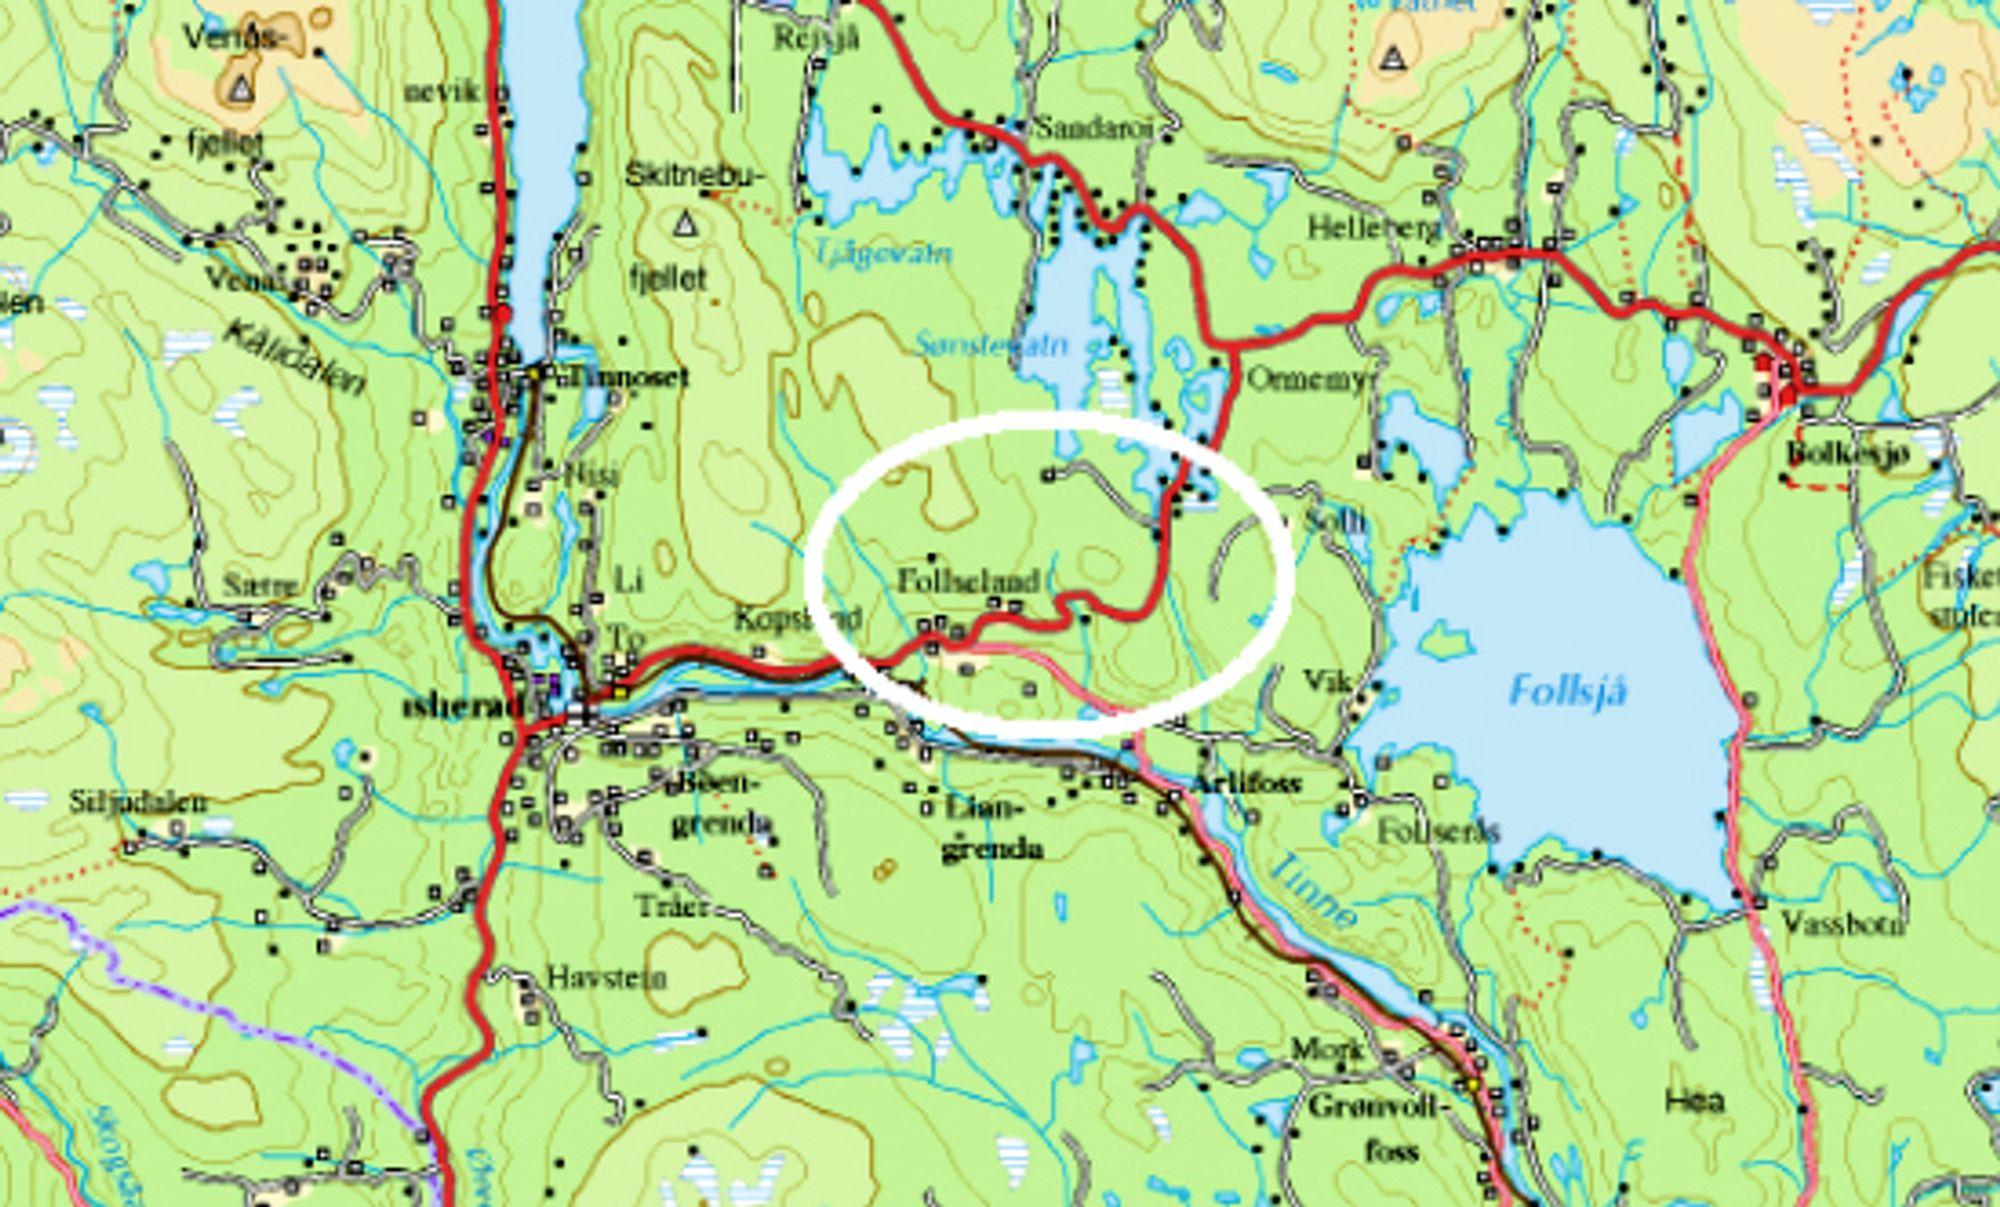 Strekningen som skal utbedres ligger innenfor den hvite ellipsen. Det kjente hotellet Bolkesjø ligger helt til høyre på kartet.